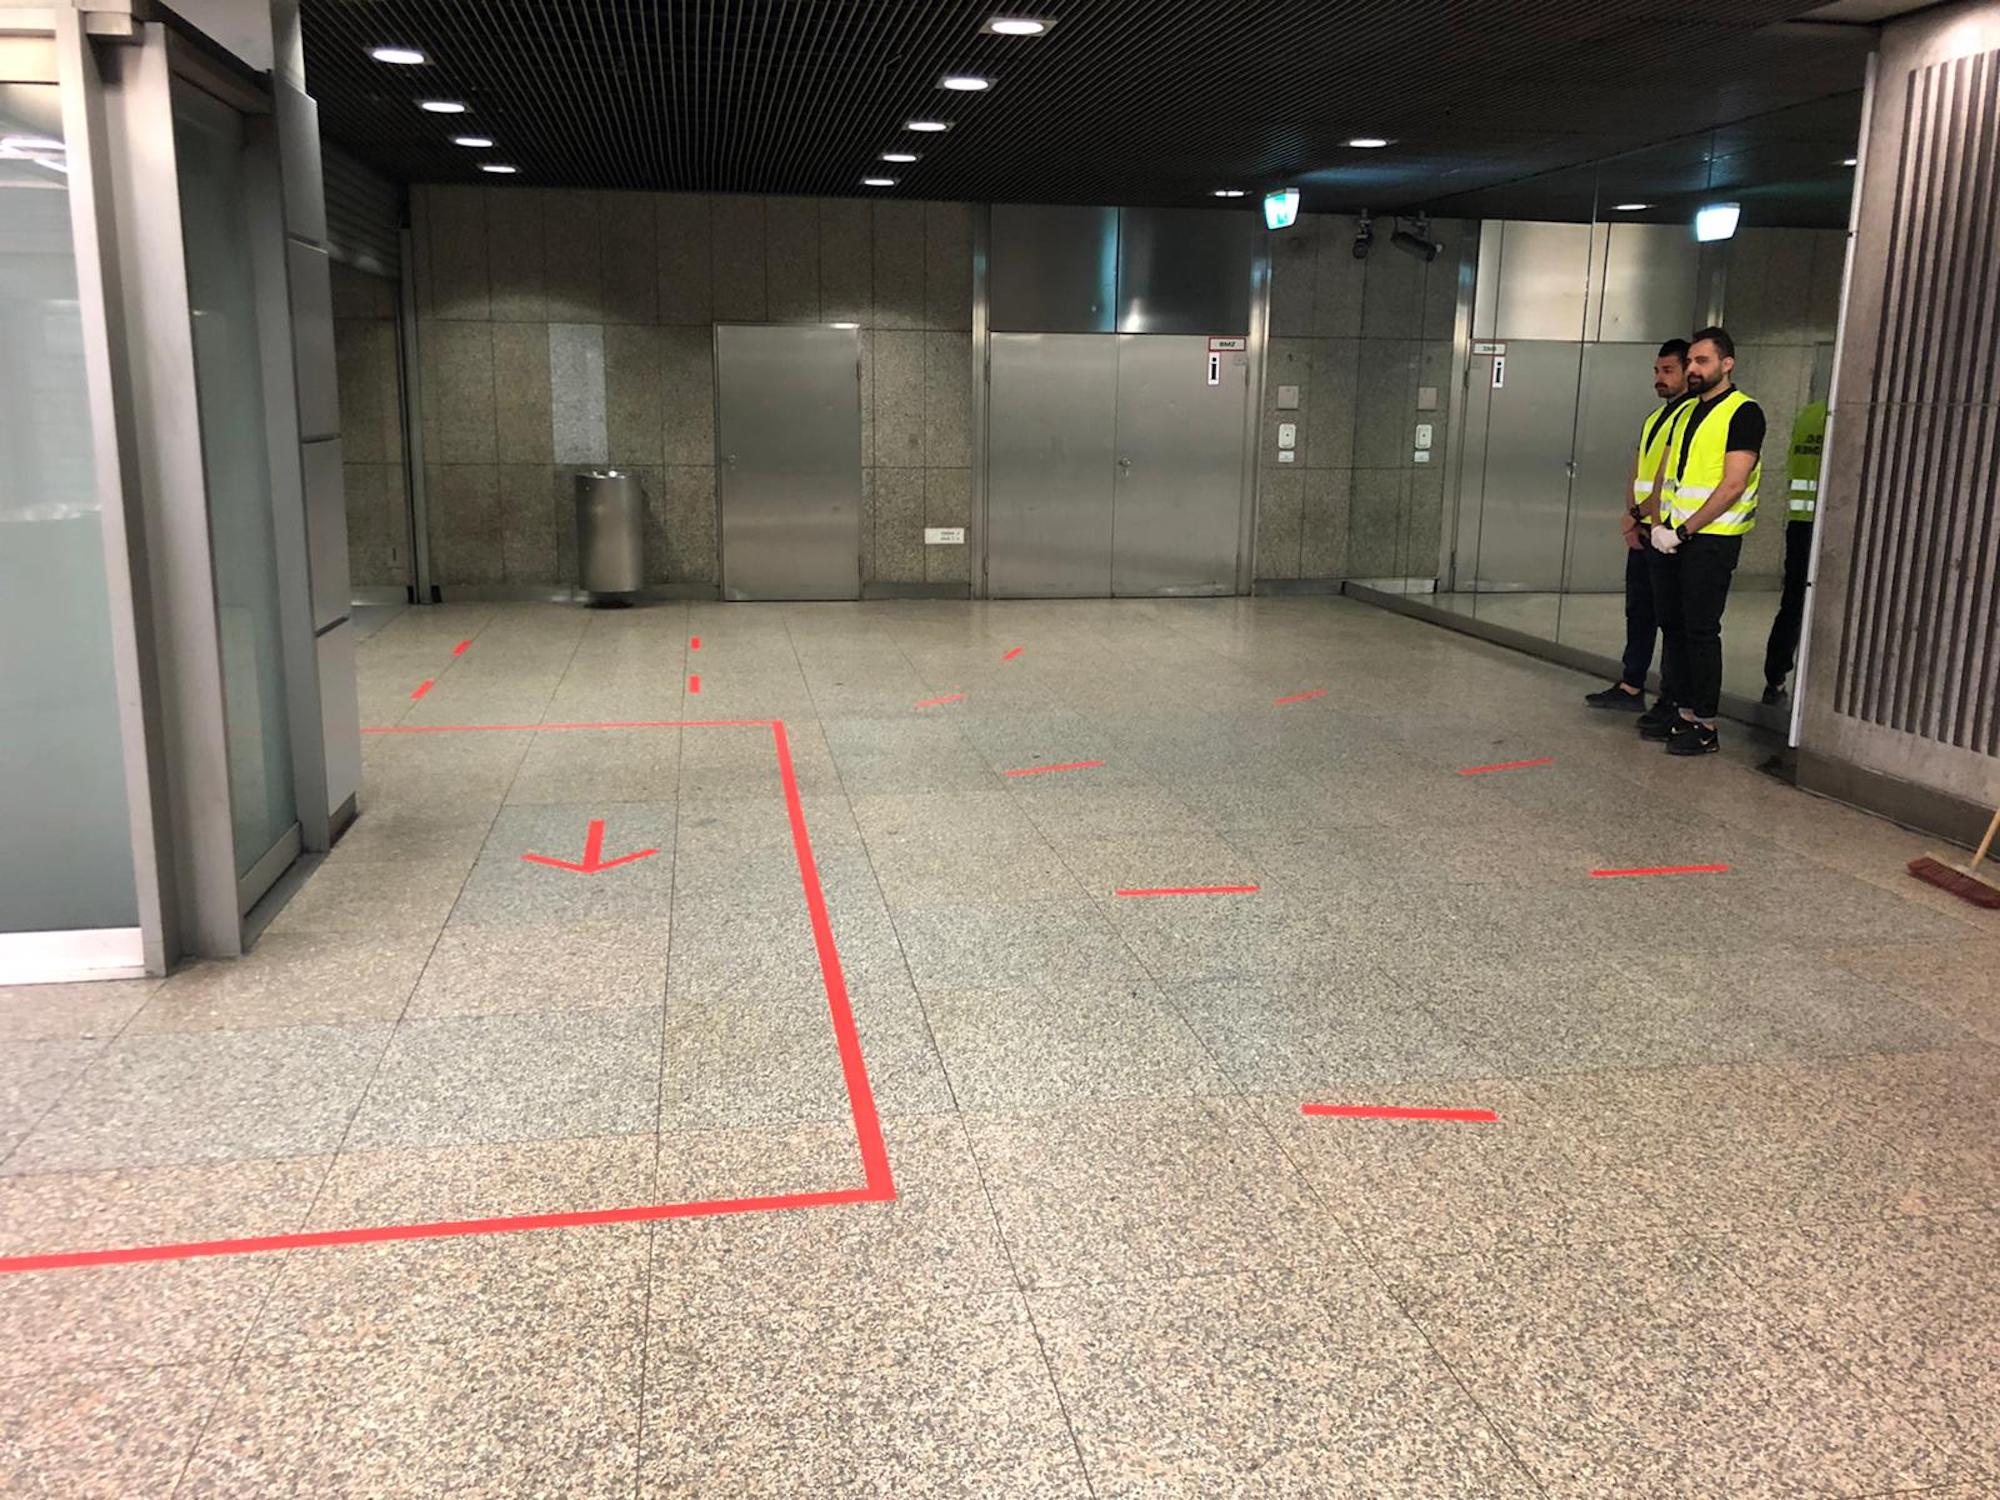 Markierungen an zentralen Haltestellen zeigen Fahrgästen die Wegrichtungen sowie die Wartebereiche.